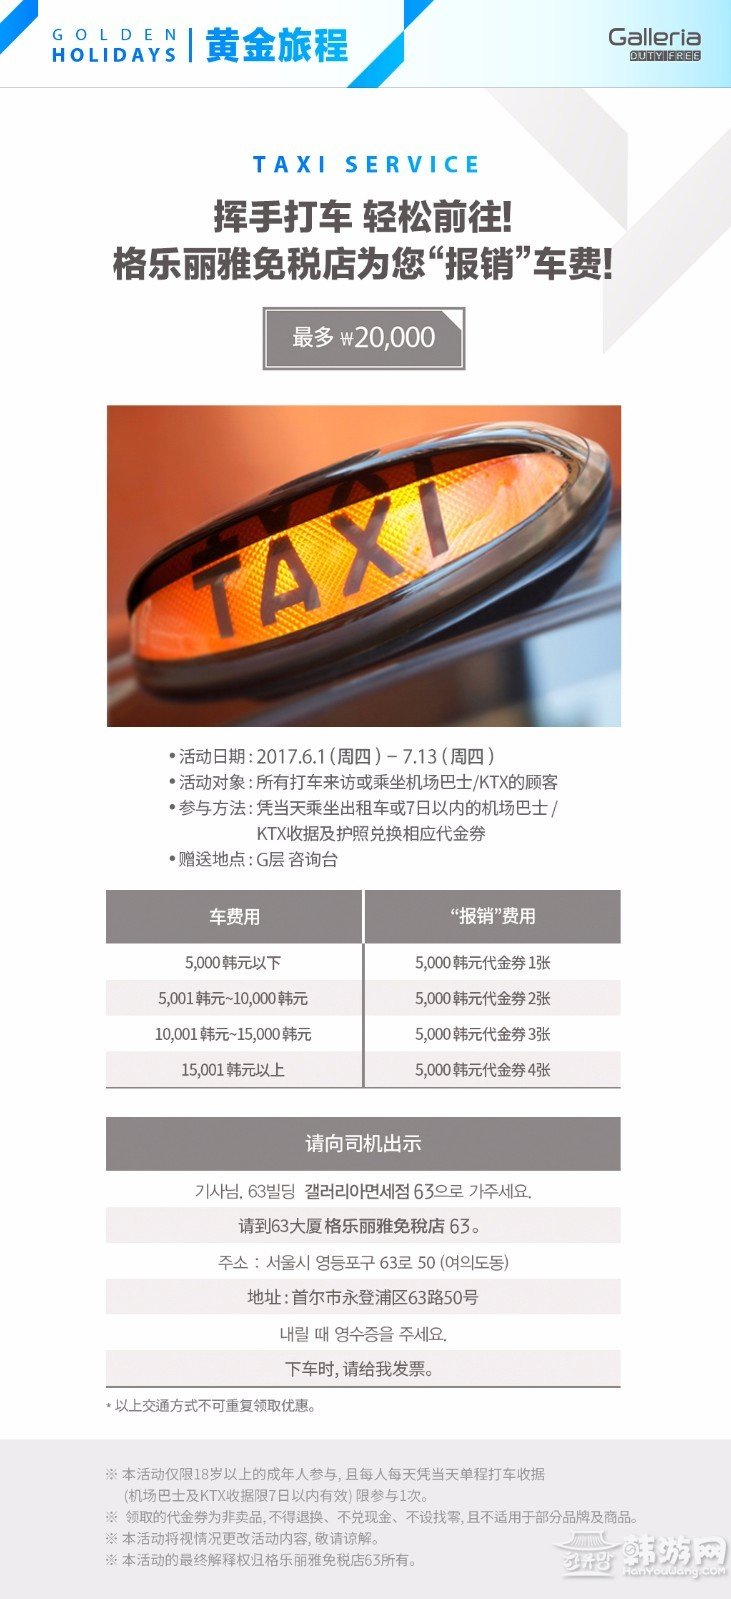 7.펀한_프로모션_택시비_0530.jpg